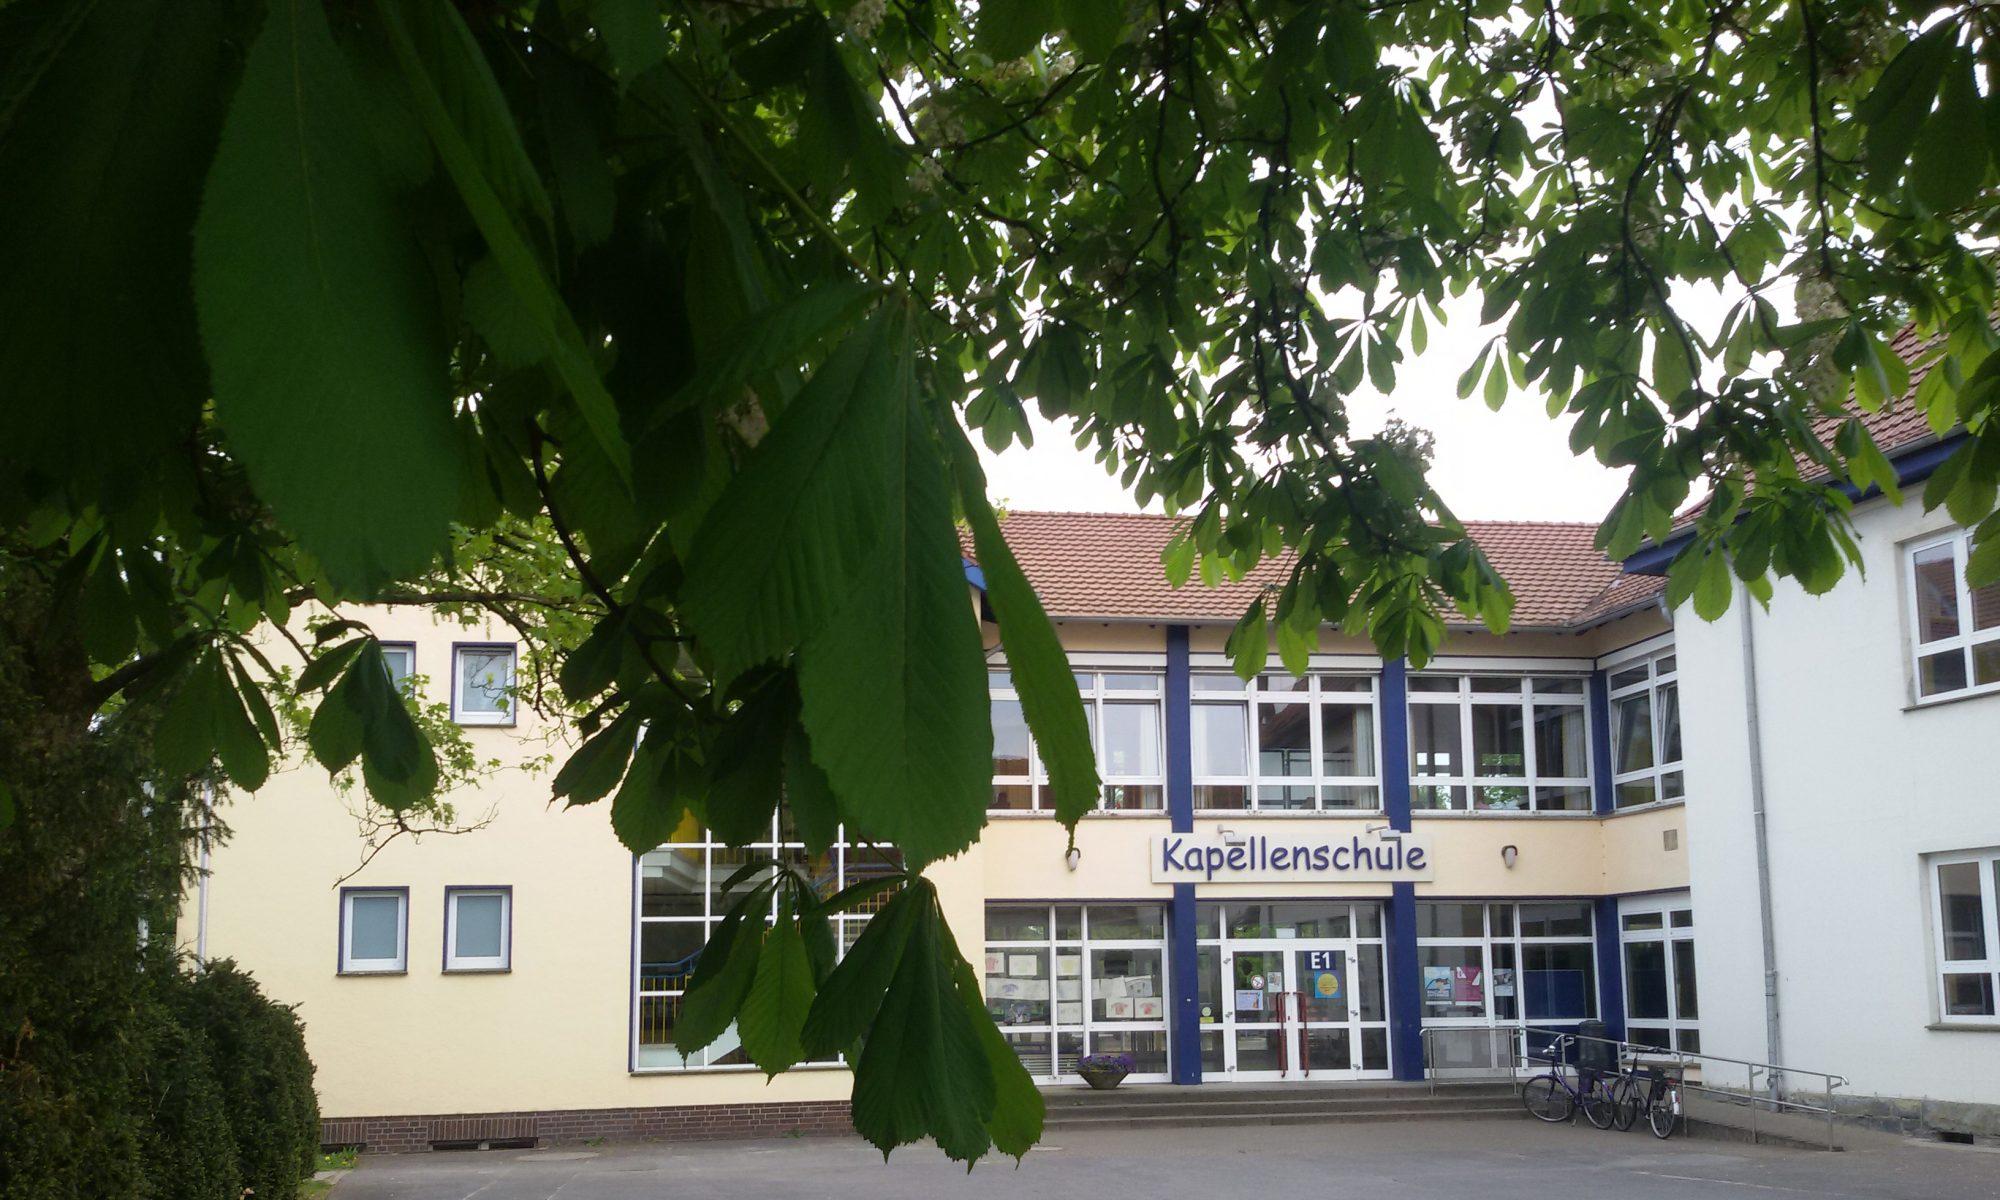 Förderverein der Kapellenschule e.V.